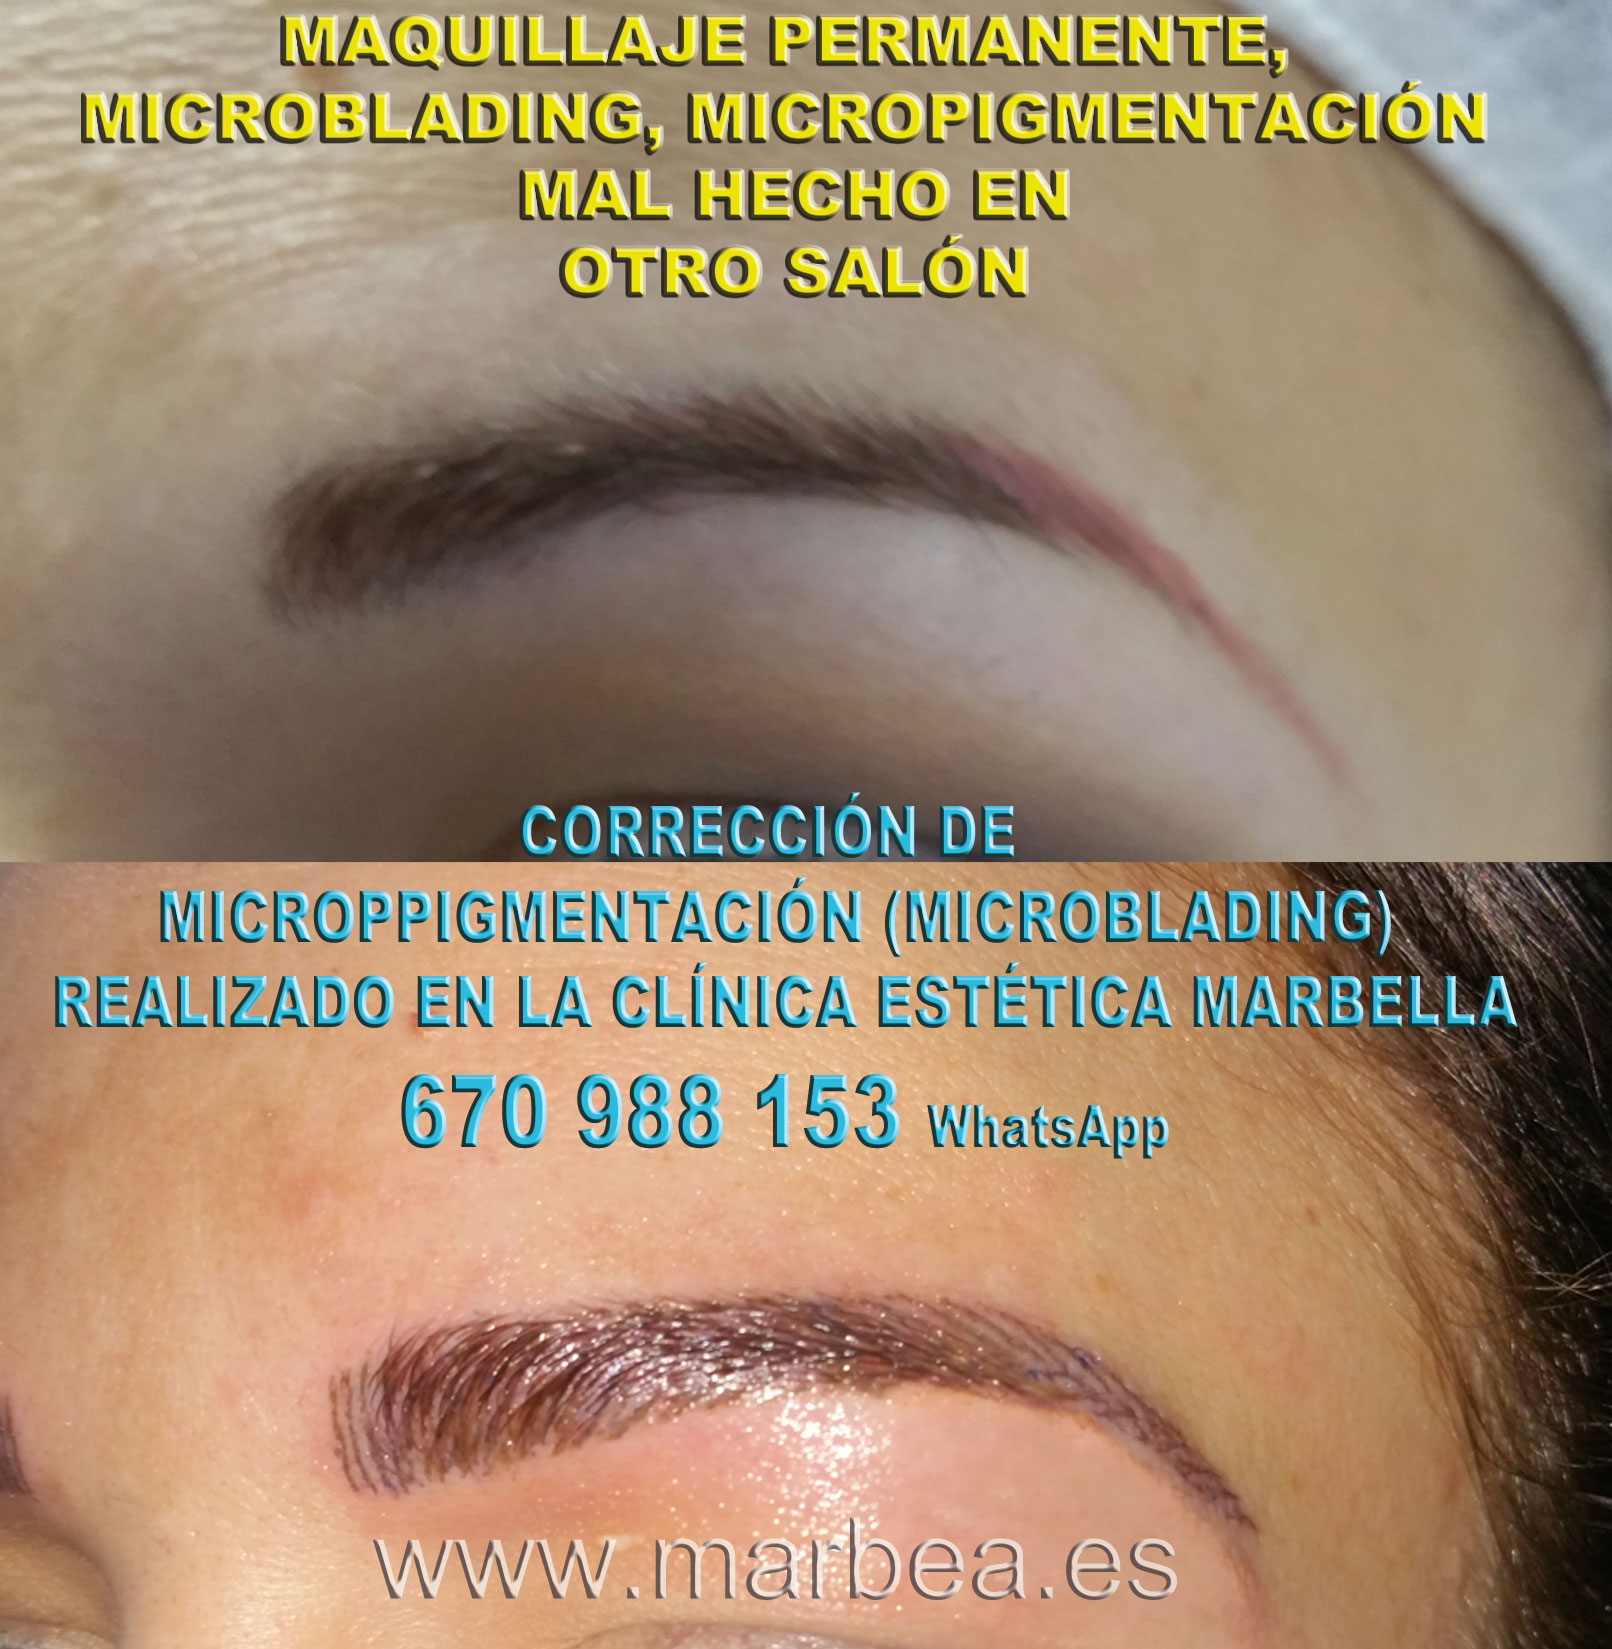 Borrar maquillaje permanente mal hecha clínica estética delineados ofrenda eliminar la micropigmentación de cejas,corregir micropigmentación mal hecha